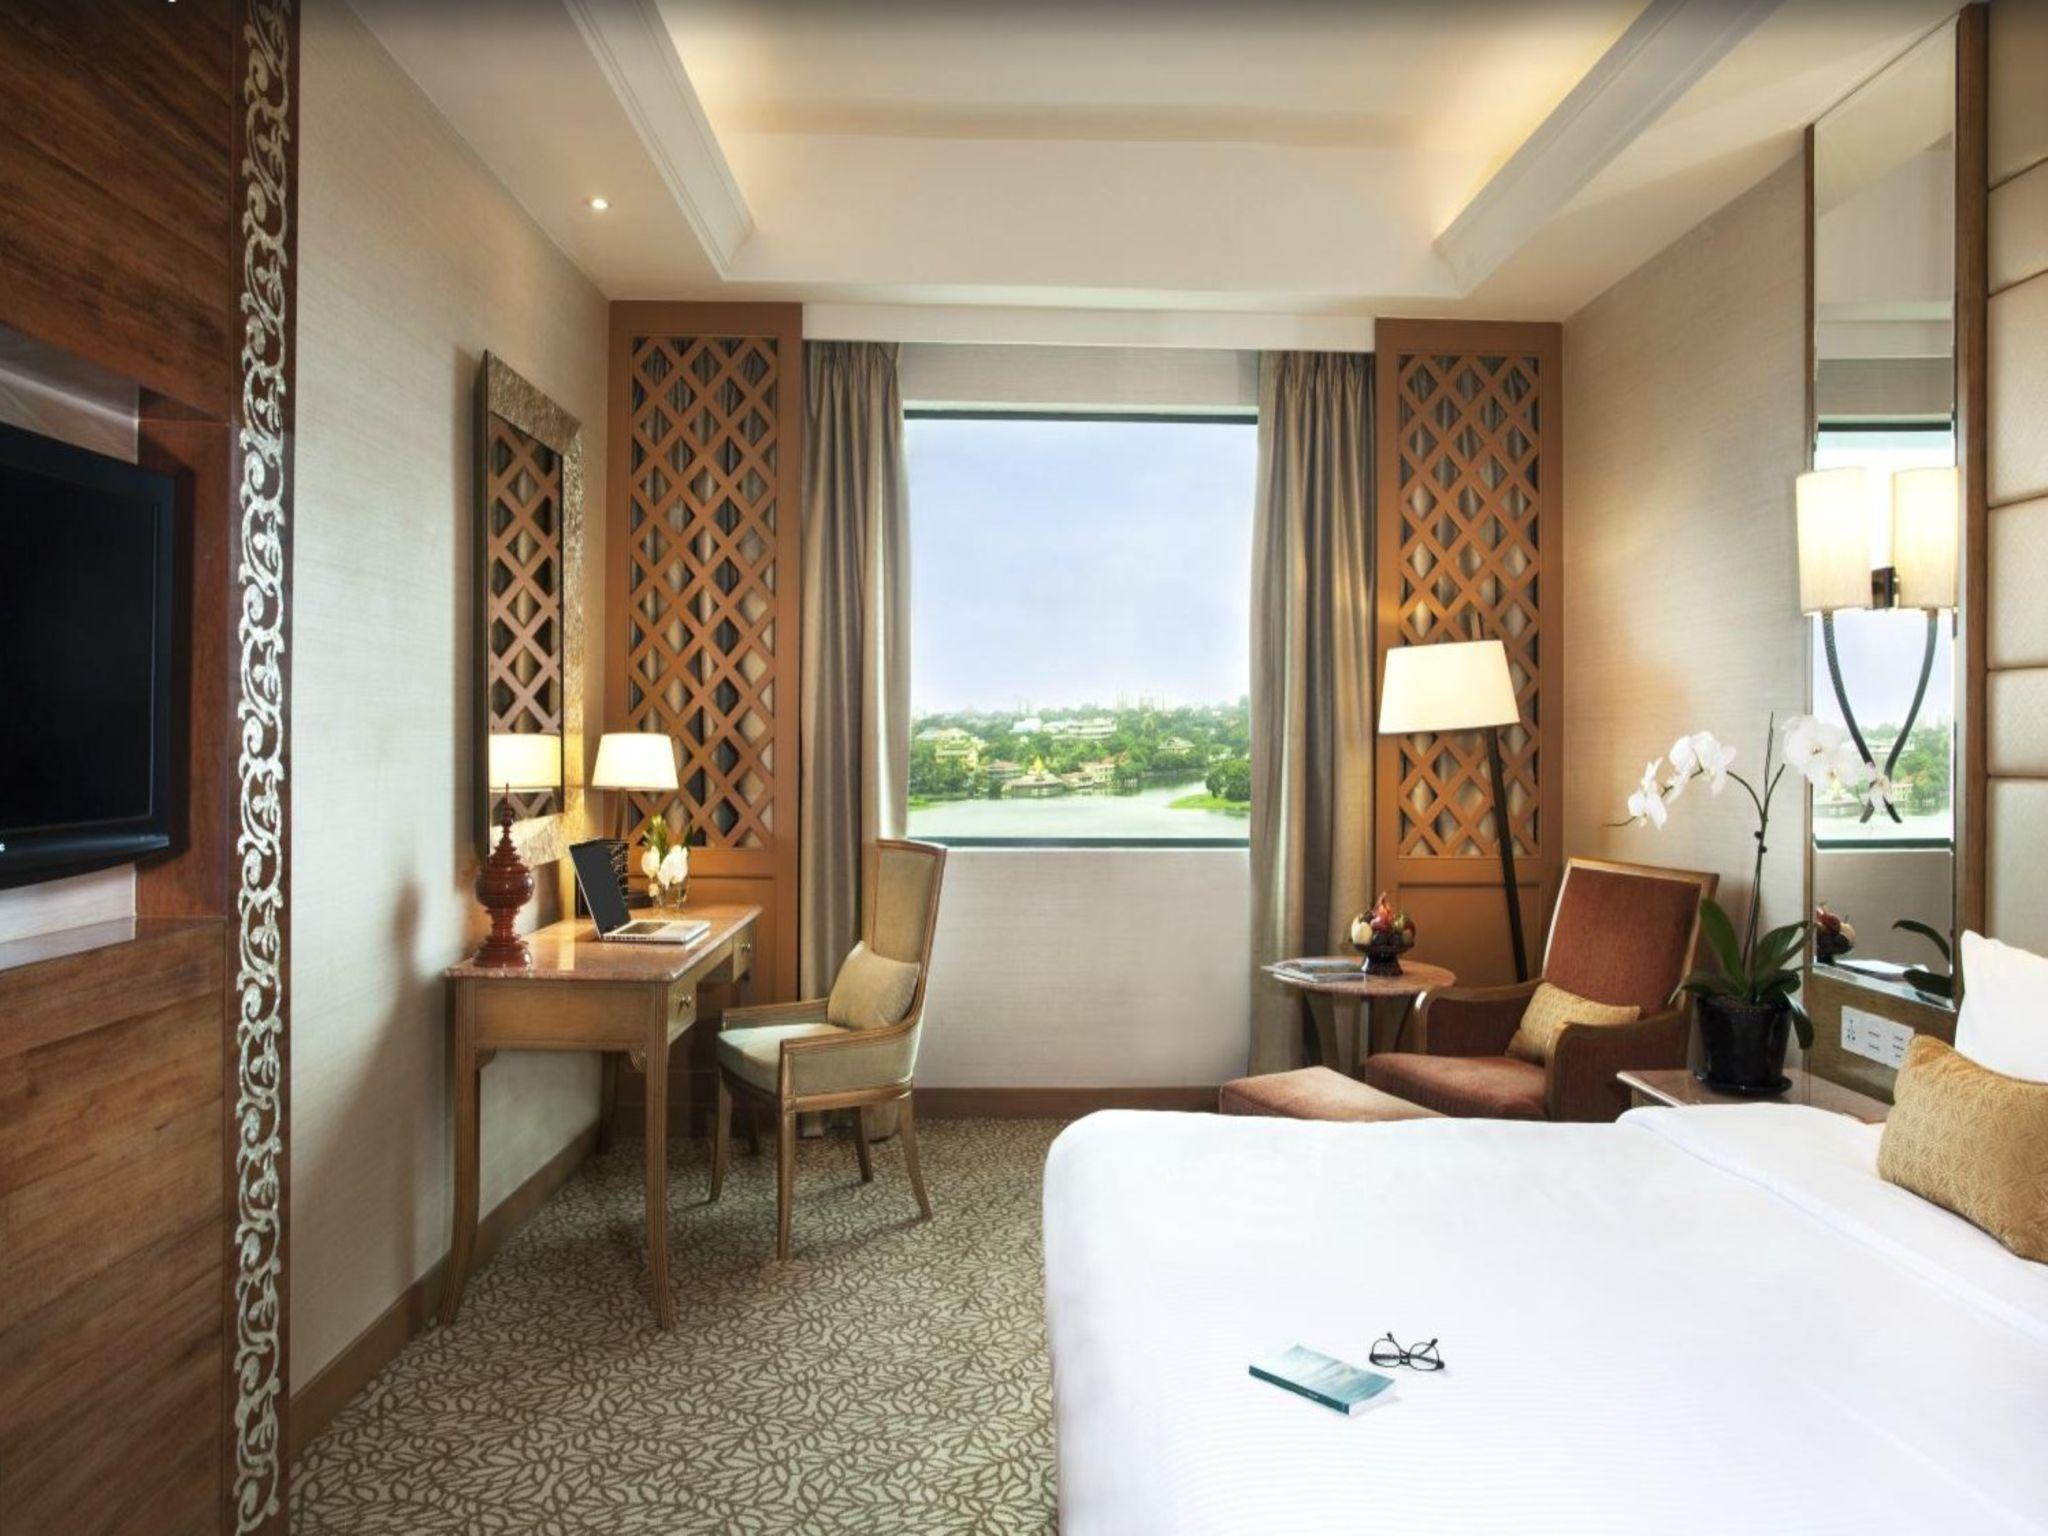 Sedona Hotel Yangon, Yangon-W